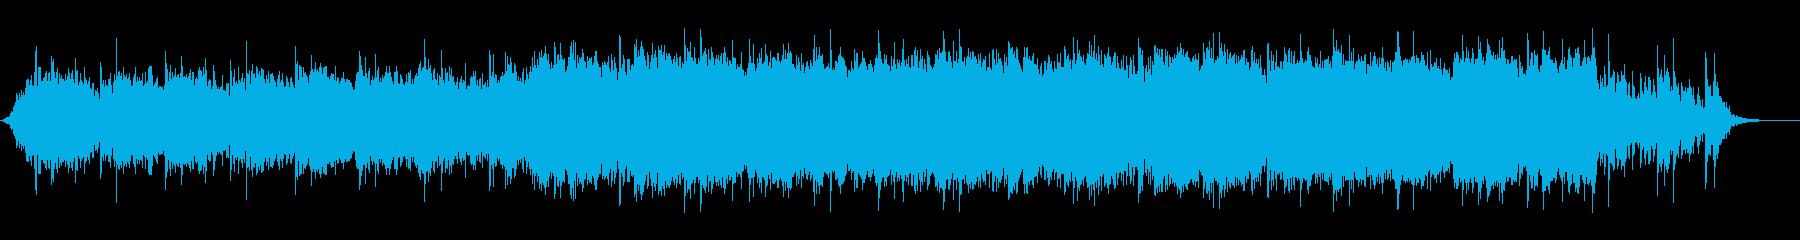 暗い中華風オーケストラの再生済みの波形